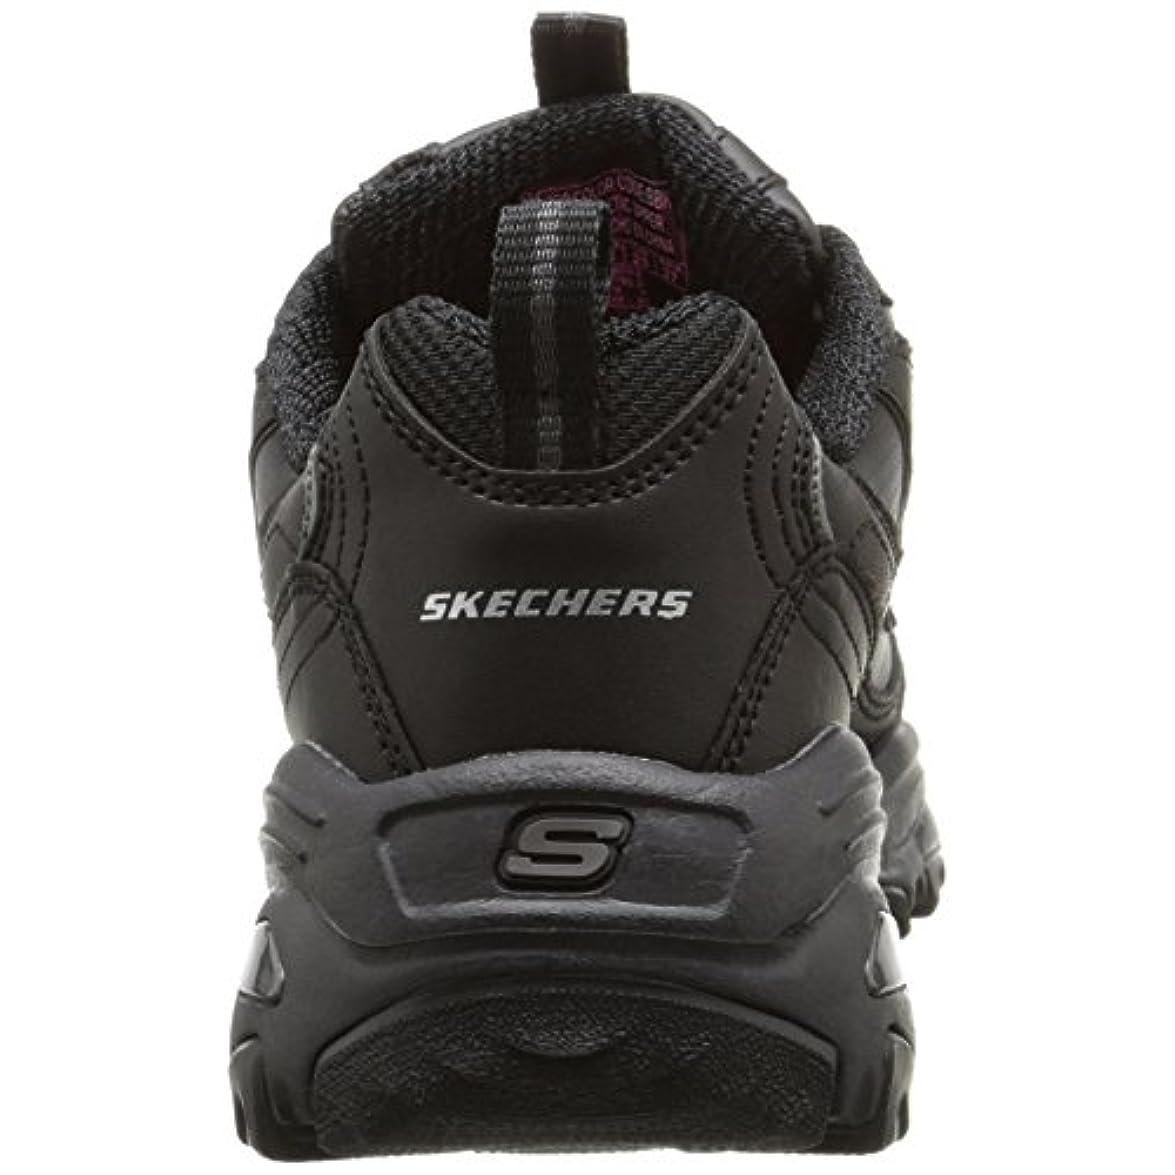 Skechers D'lites - Fresh Start Scarpe Da Corsa Donna